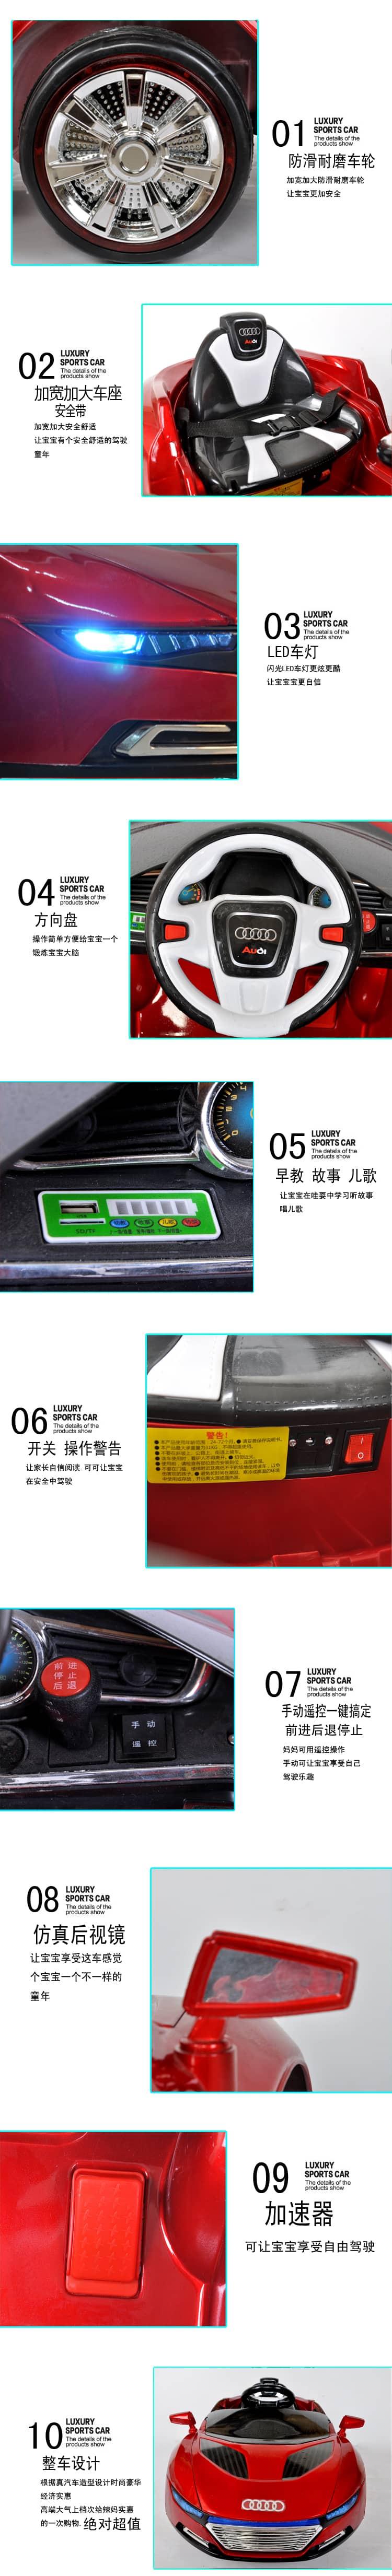 Xe ô tô điện trẻ em MDX-5888